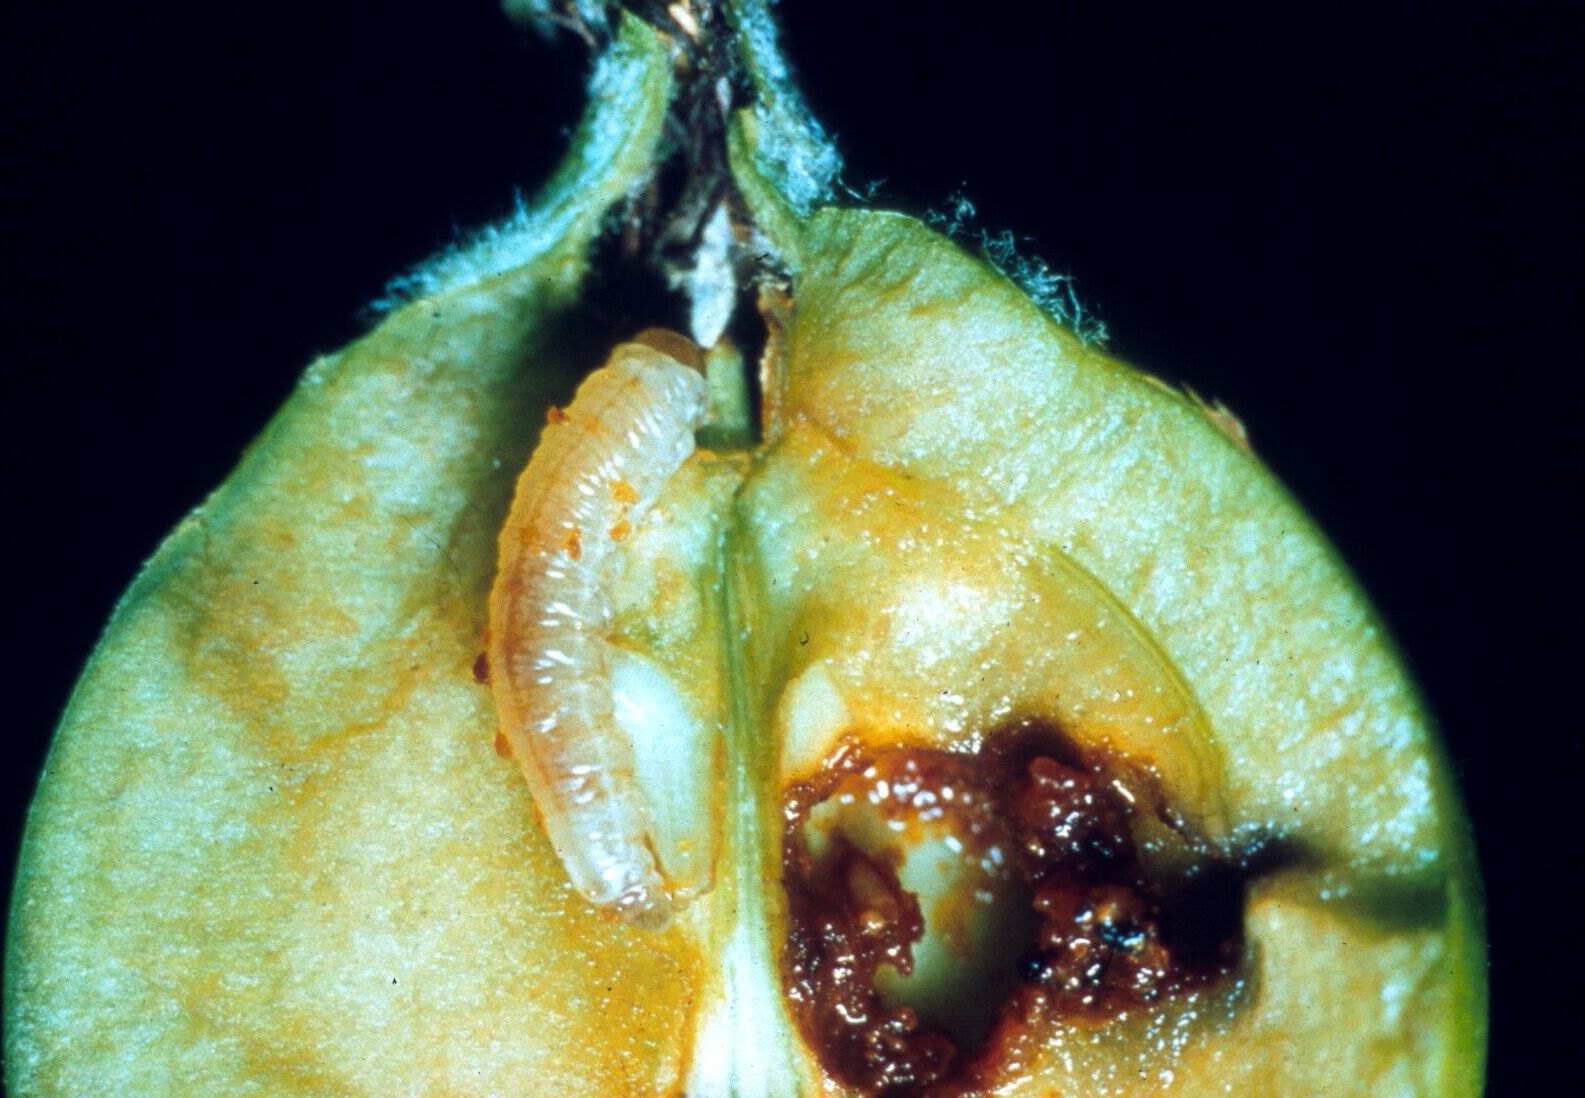 Apfelsägewespe in befallener Frucht